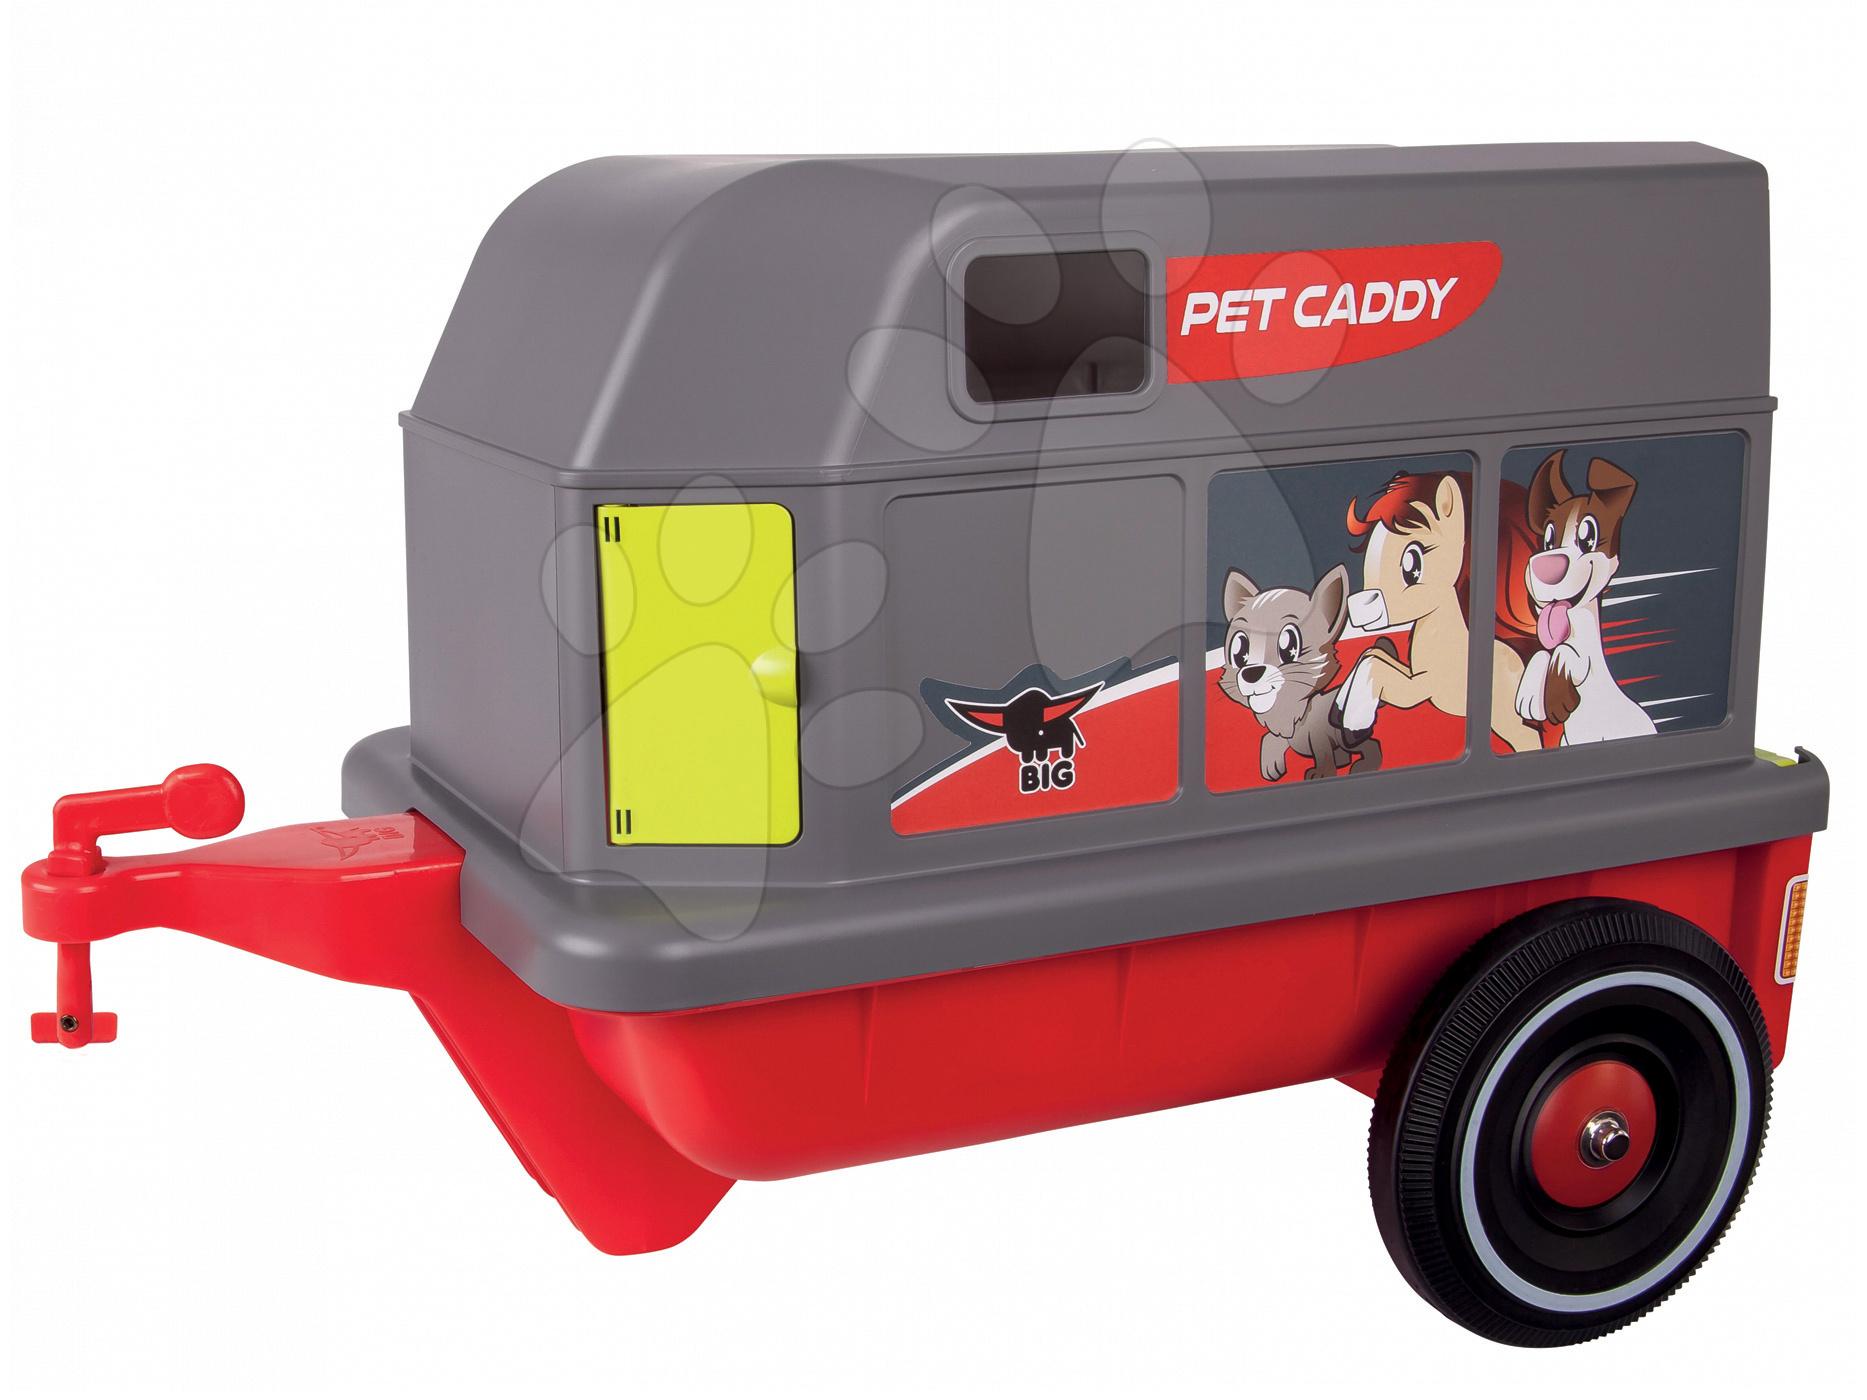 Príslušenstvo k odrážadlám - Príves Bobby Pet Caddy BIG k odrážadlám BIG New&Classic&Neo&Next&Scooter od 12 mes